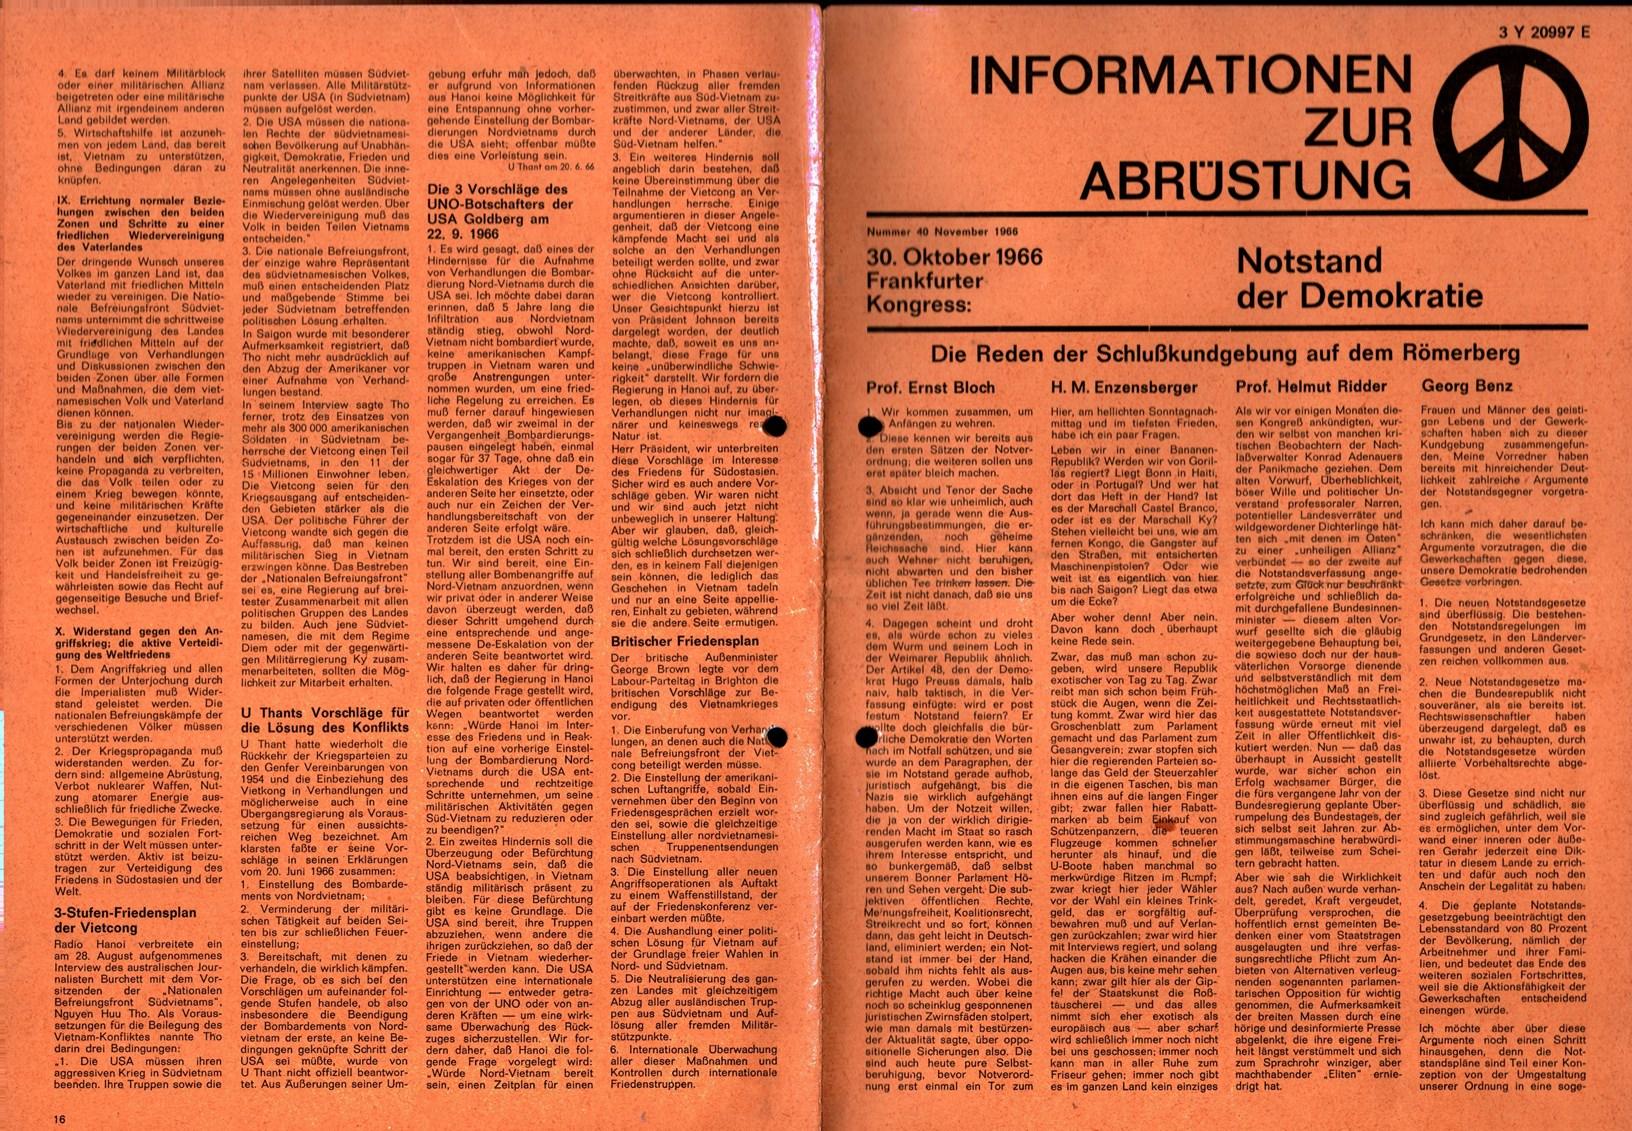 Infos_zur_Abruestung_1966_040_001